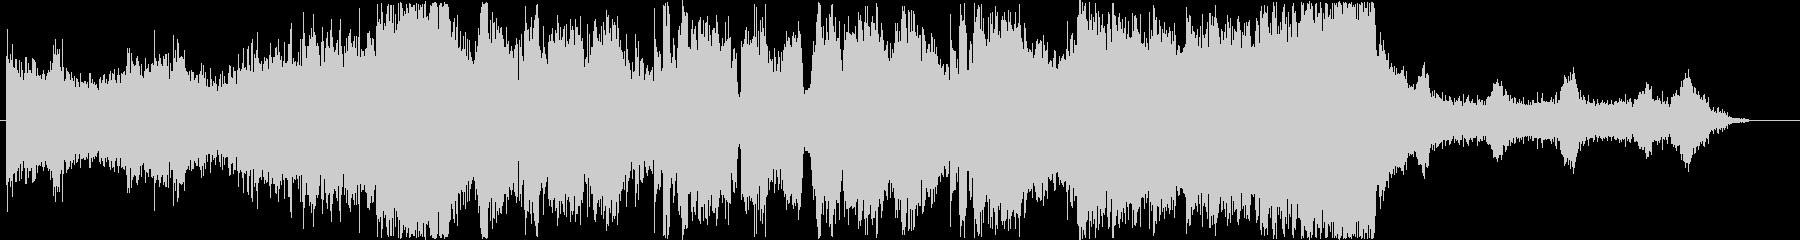 ダブステップよりのEDMの未再生の波形